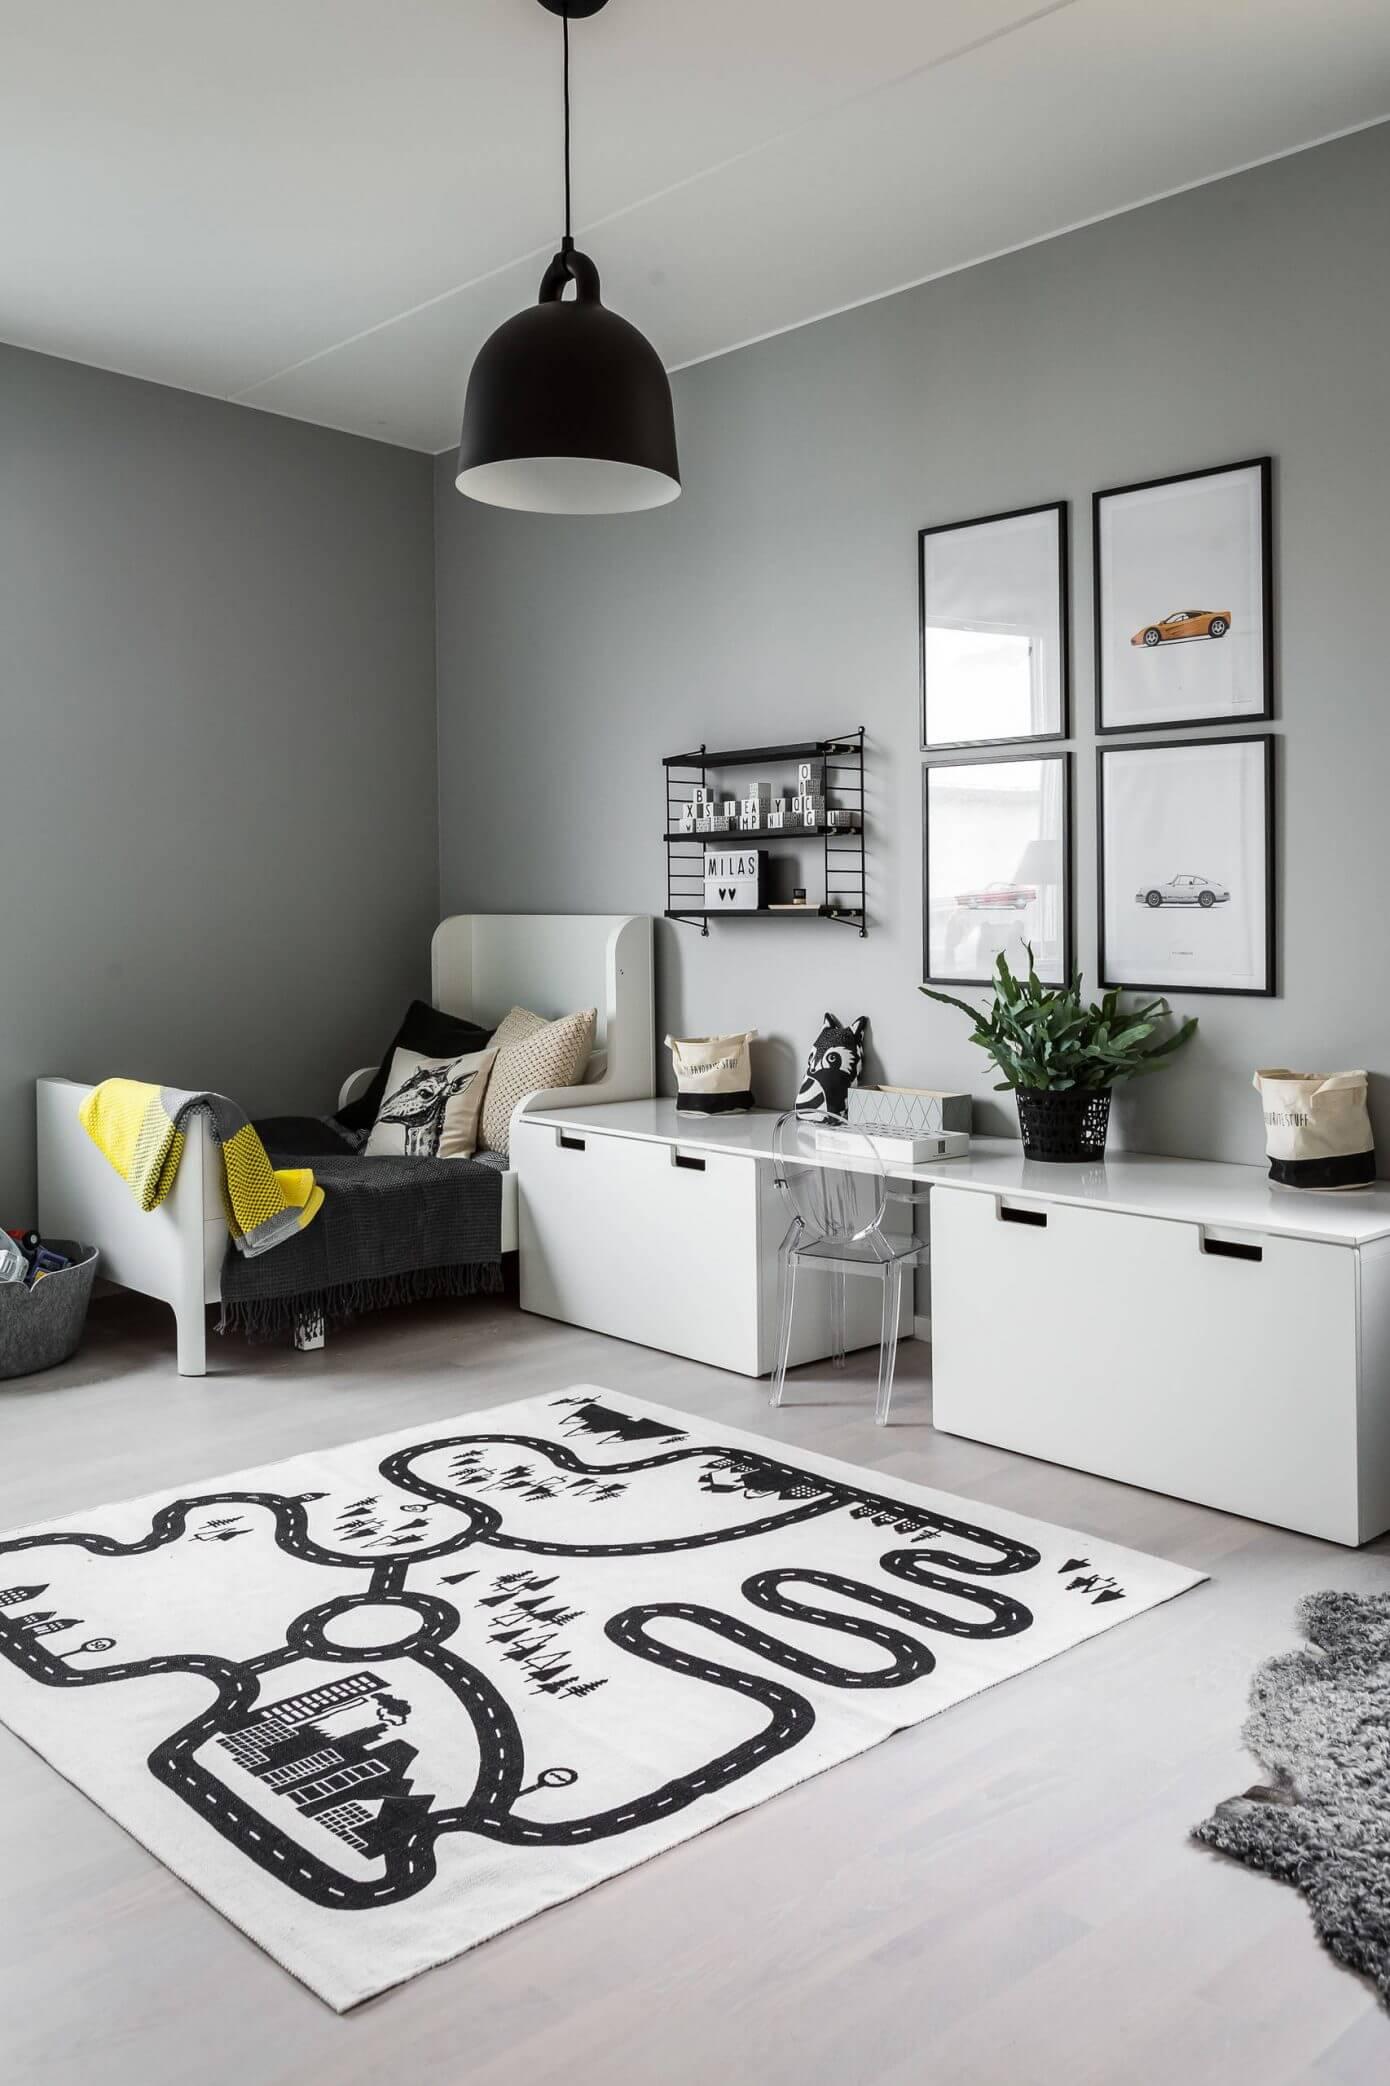 Leuke gedeelde kinderkamer in zwart, wit en grijs | Interieur inrichting